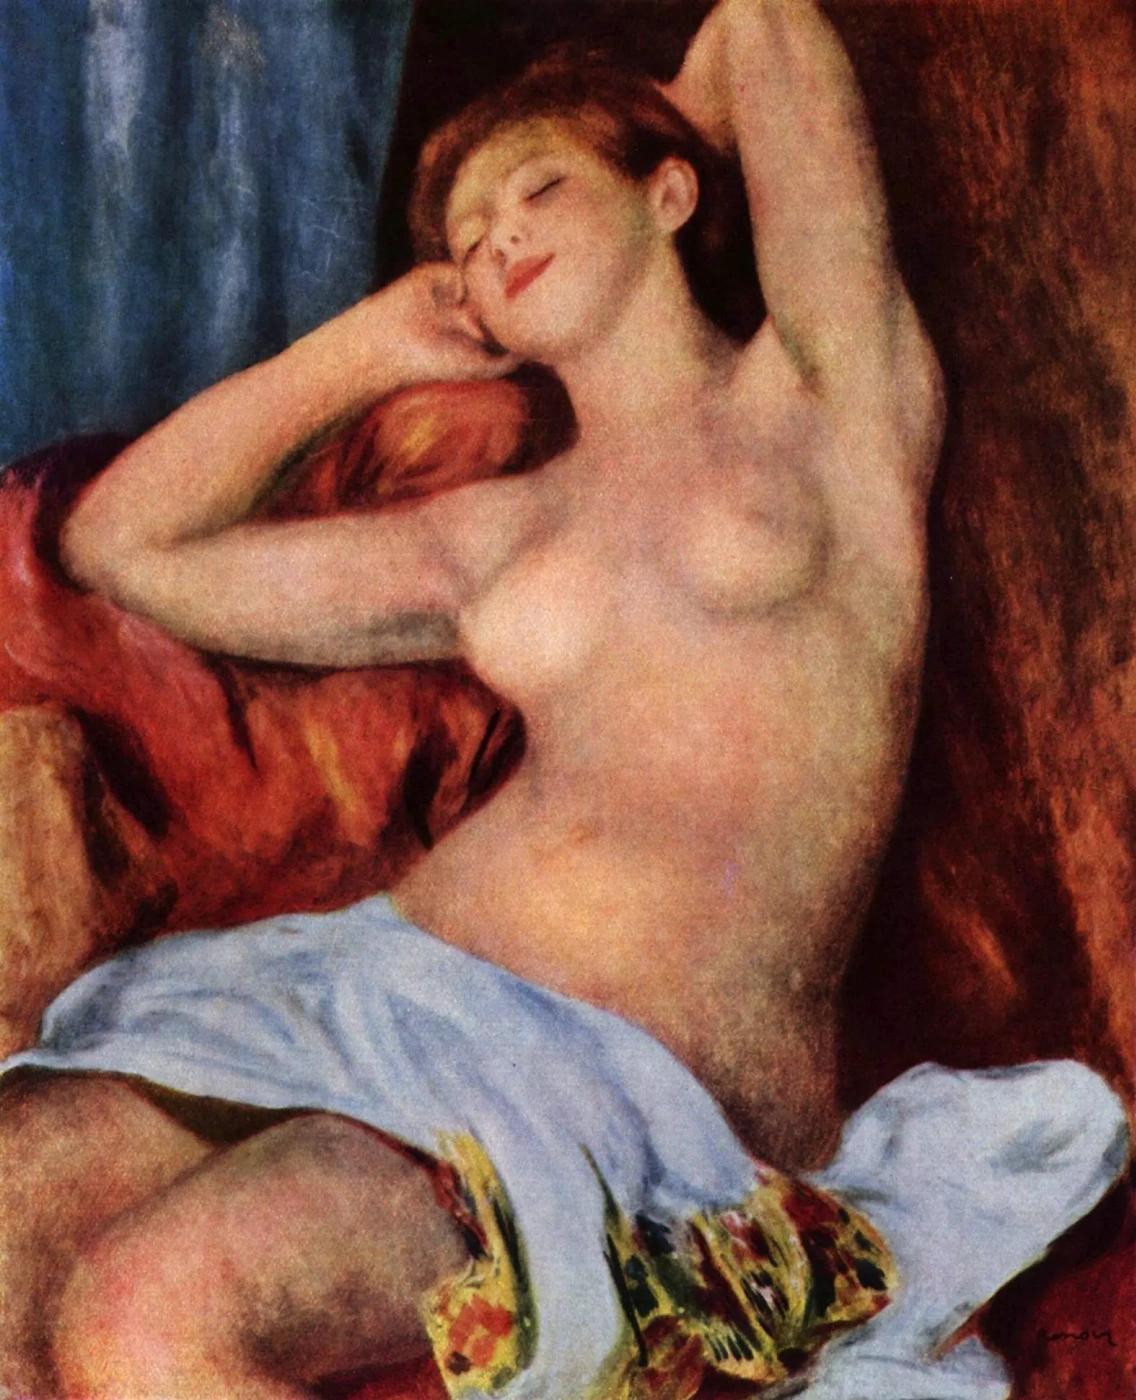 Спящая купальщица Пьер Огюст Ренуар 1897, 81×65 см Местонахождение: Собрание доктора Оскара Рейнхарта, Винтертур